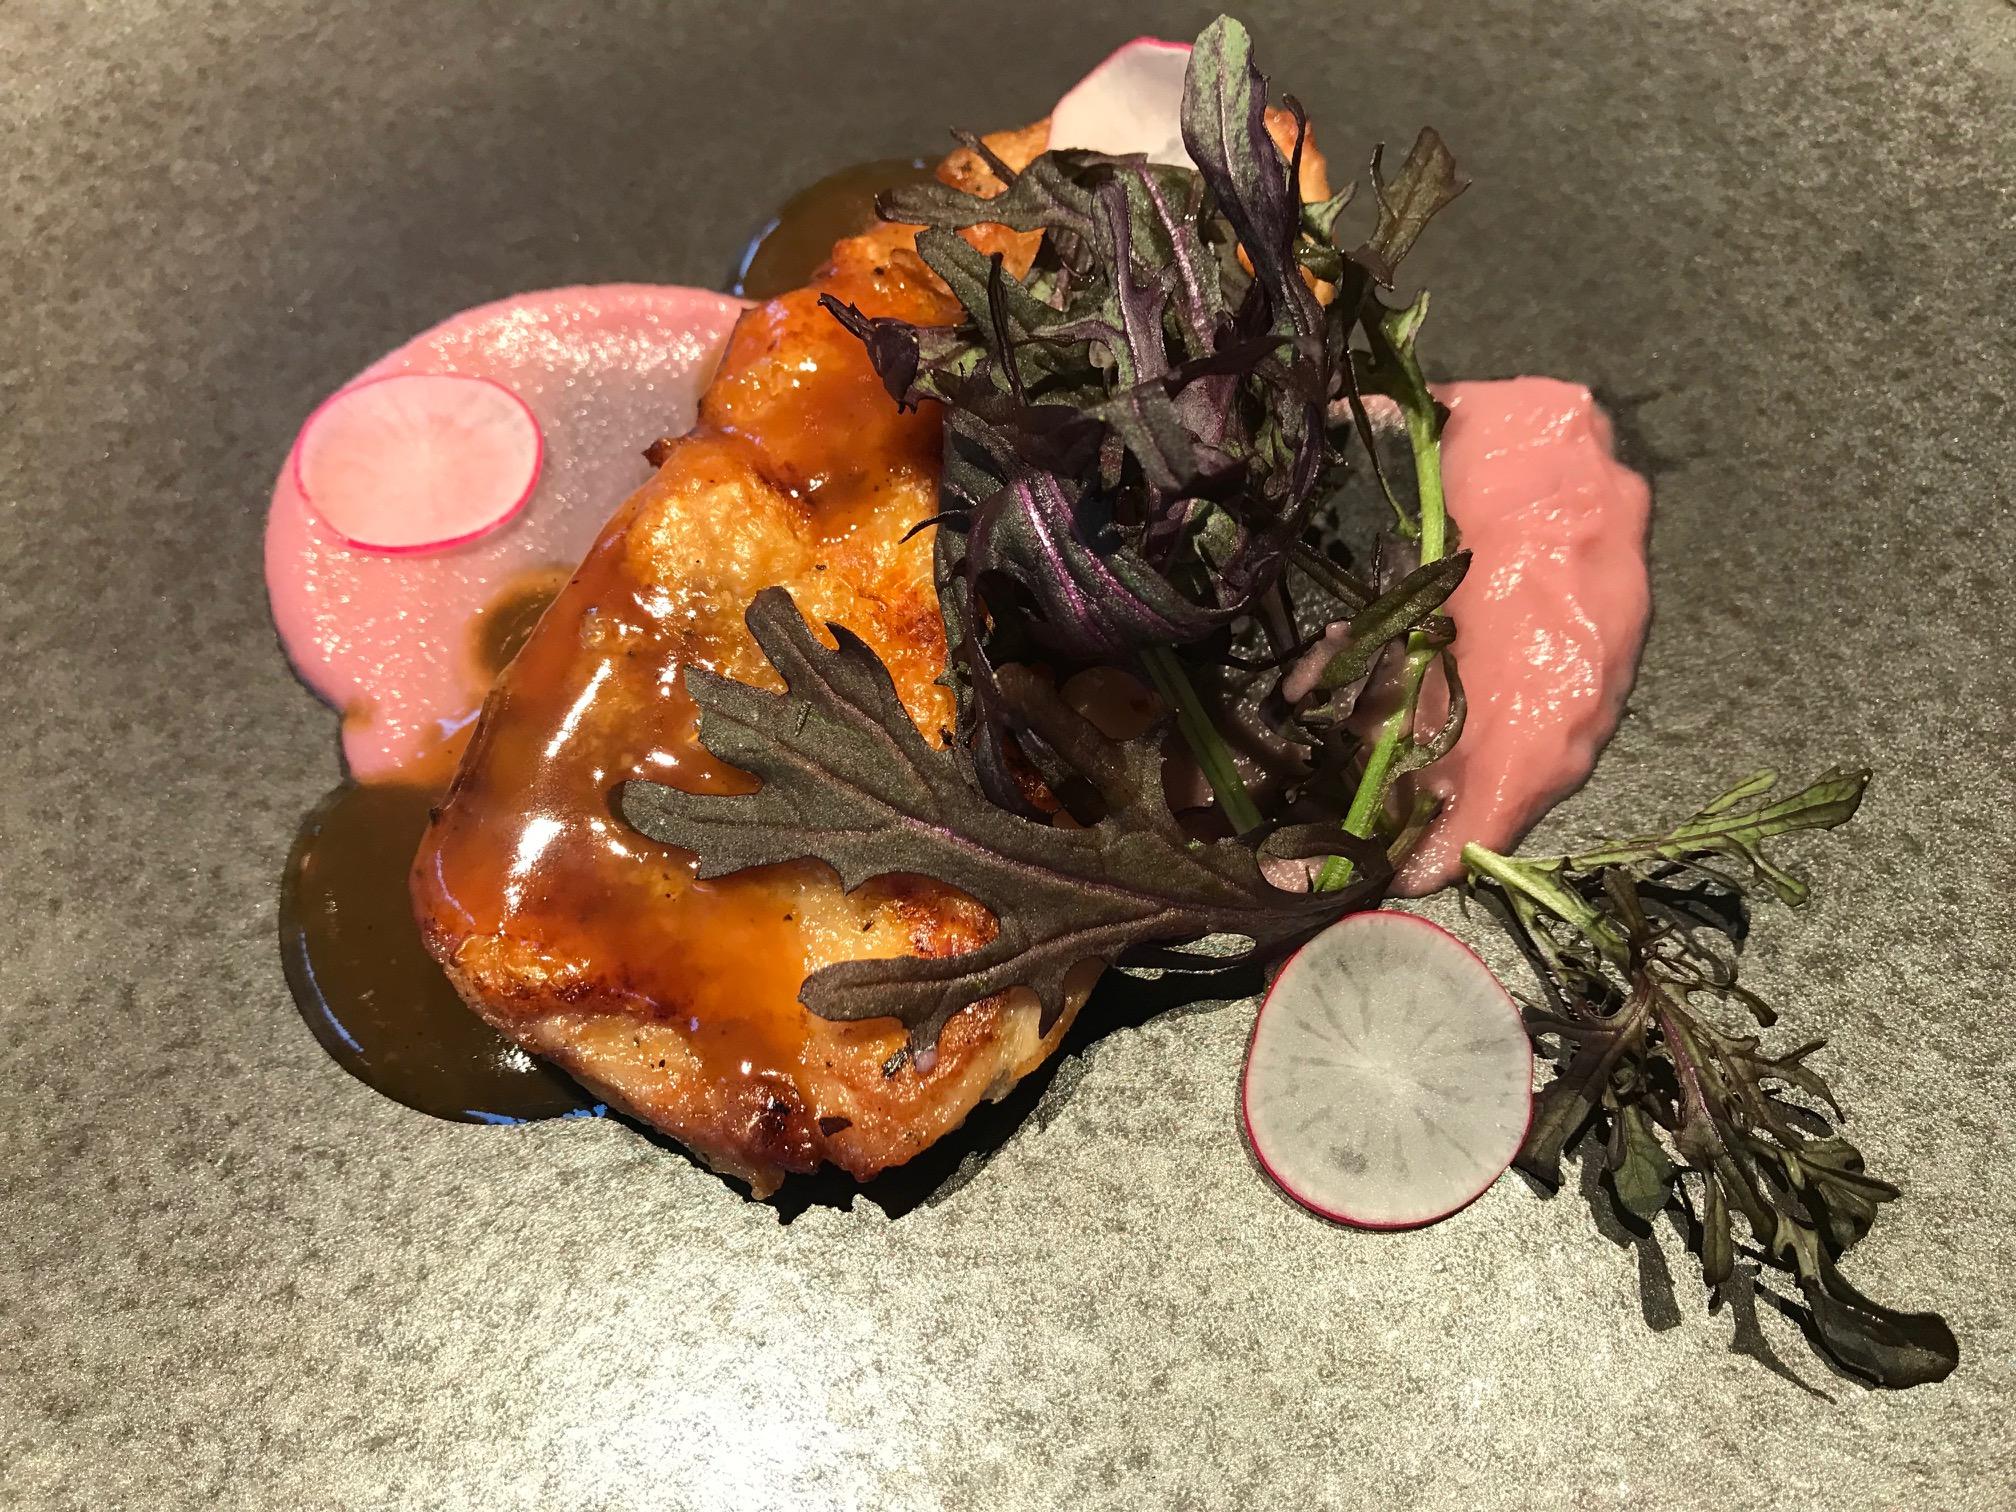 『SABON』が贈る、ローズ香るピンクのディナー(しかも特典つき♡)!! 今度のデートや女子会は『ザ ストリングス 表参道』で_6